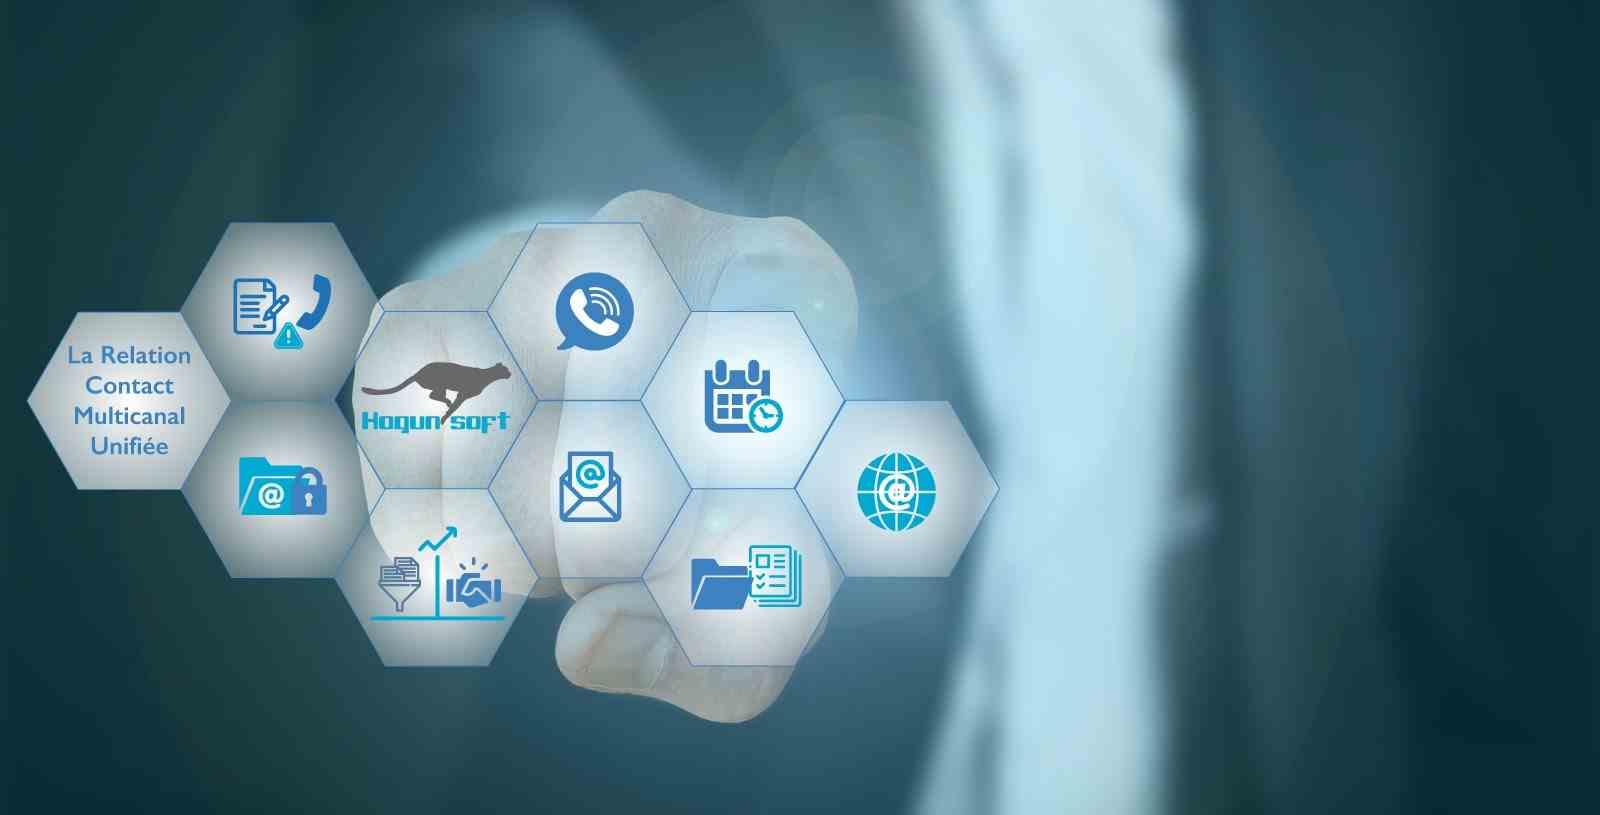 Le logiciel CRM gratuit de gestion client et contacts le plus complet du marché